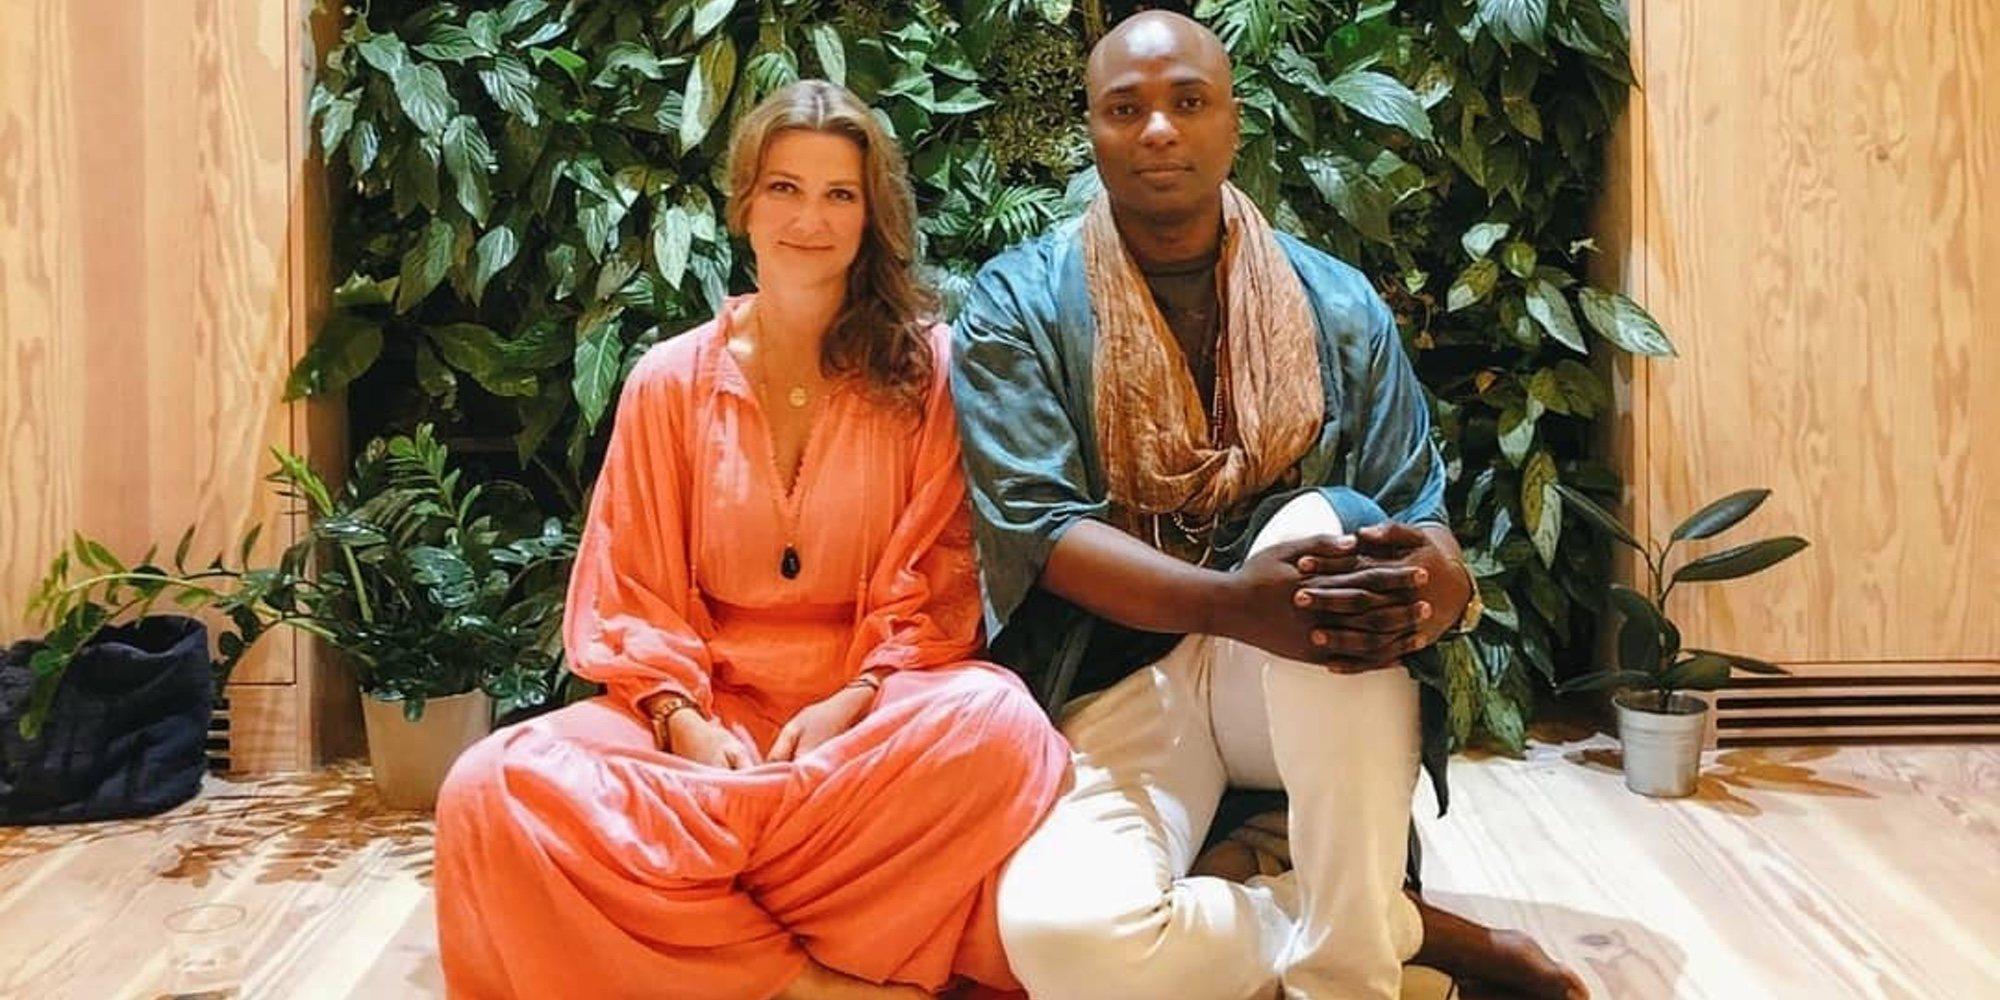 Censuran el libro de Shaman Durek Verret, novio de la Princesa Marta Luisa de Noruega